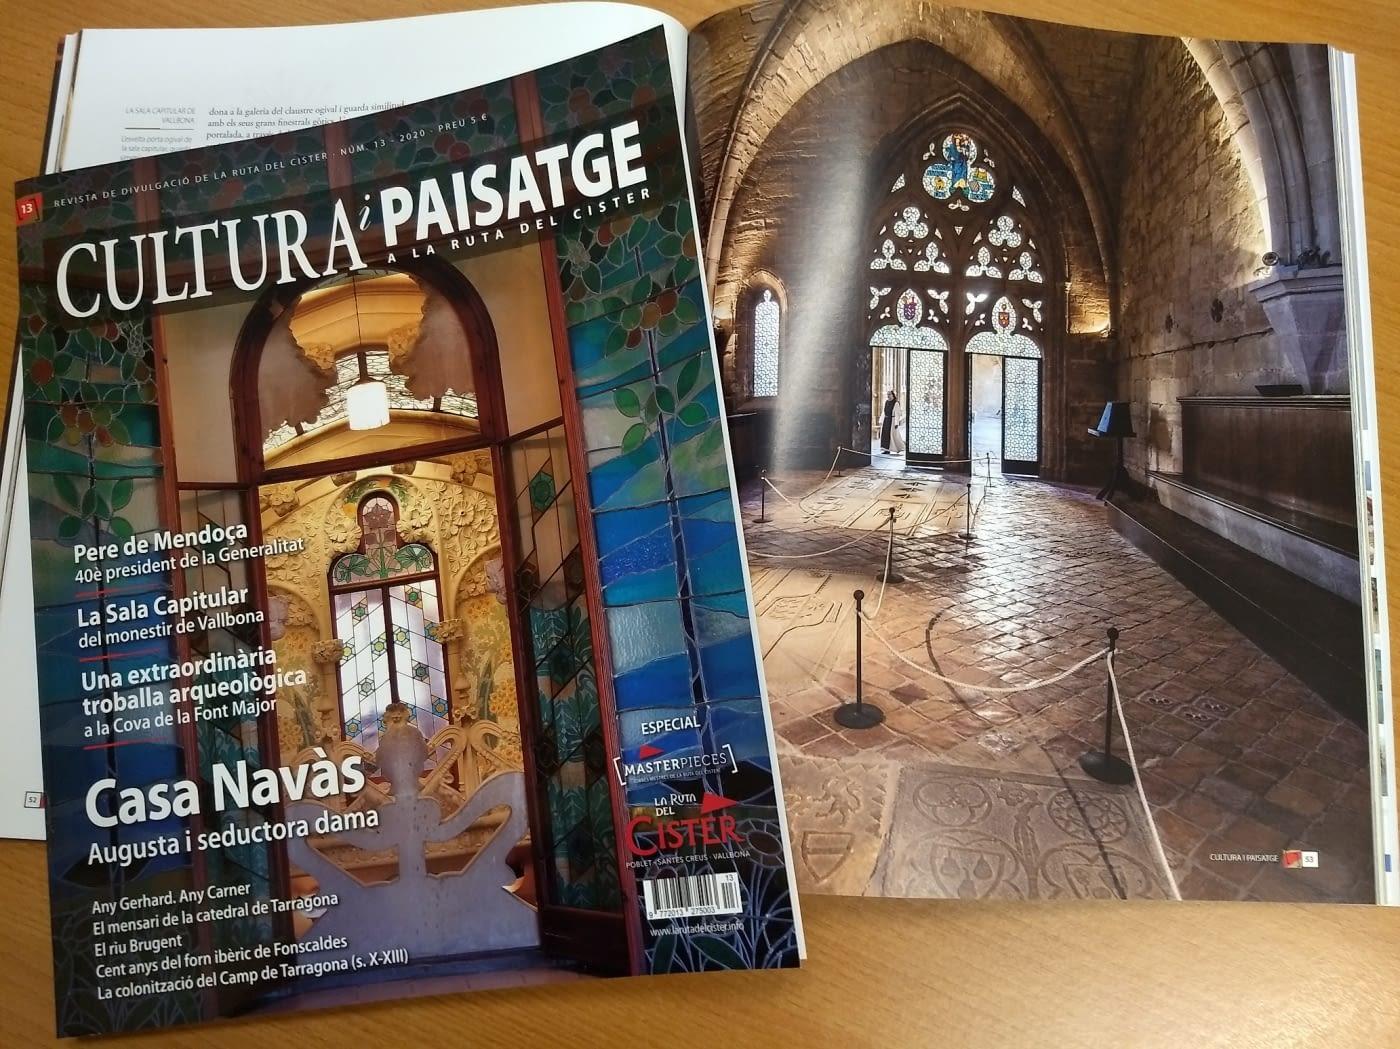 Reportatge a la revista Cultura i Paisatge a La Ruta del Cister